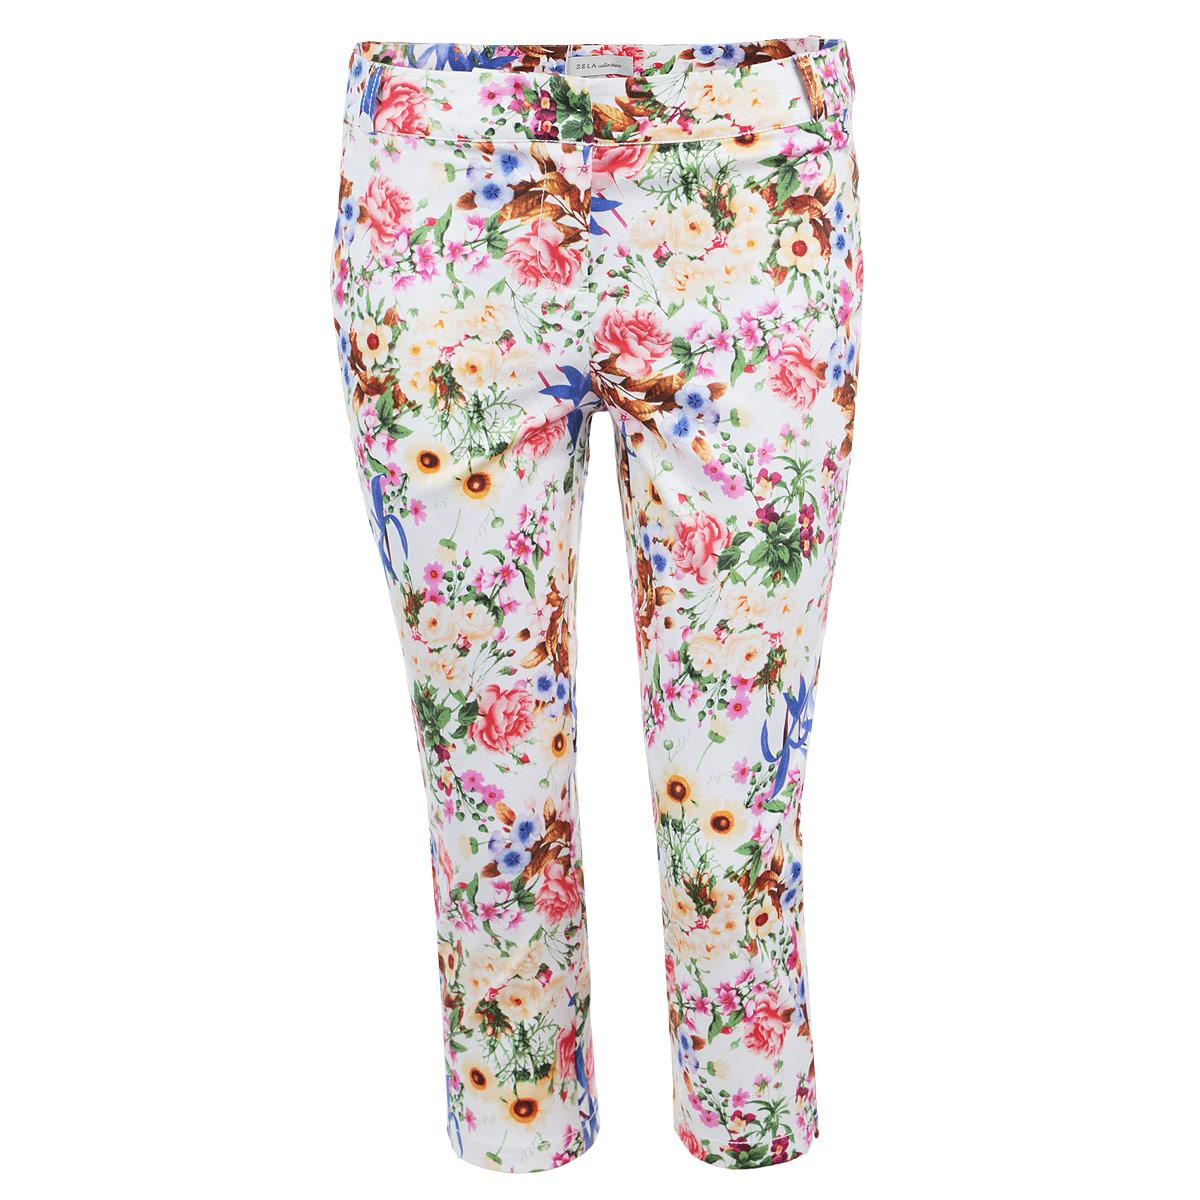 Брюки женские. Ps-115/424-5284Ps-115/424-5284Стильные женские брюки Sela с цветочным принтом созданы специально для того, чтобы подчеркивать достоинства вашей фигуры. Модель прямого кроя и укороченной длины станет отличным дополнением к вашему современному образу. Застегиваются брюки на два крючка в поясе и ширинку на застежке-молнии, имеются шлевки для ремня и тонкий ремешок в комплекте. Спереди модель оформлена двумя втачными карманами-обманками и маленьким потайным кармашком, а сзади - имитацией прорезных кармашков. Эти модные и в тоже время комфортные брюки послужат отличным дополнением к вашему гардеробу. В них вы всегда будете чувствовать себя уютно и комфортно.